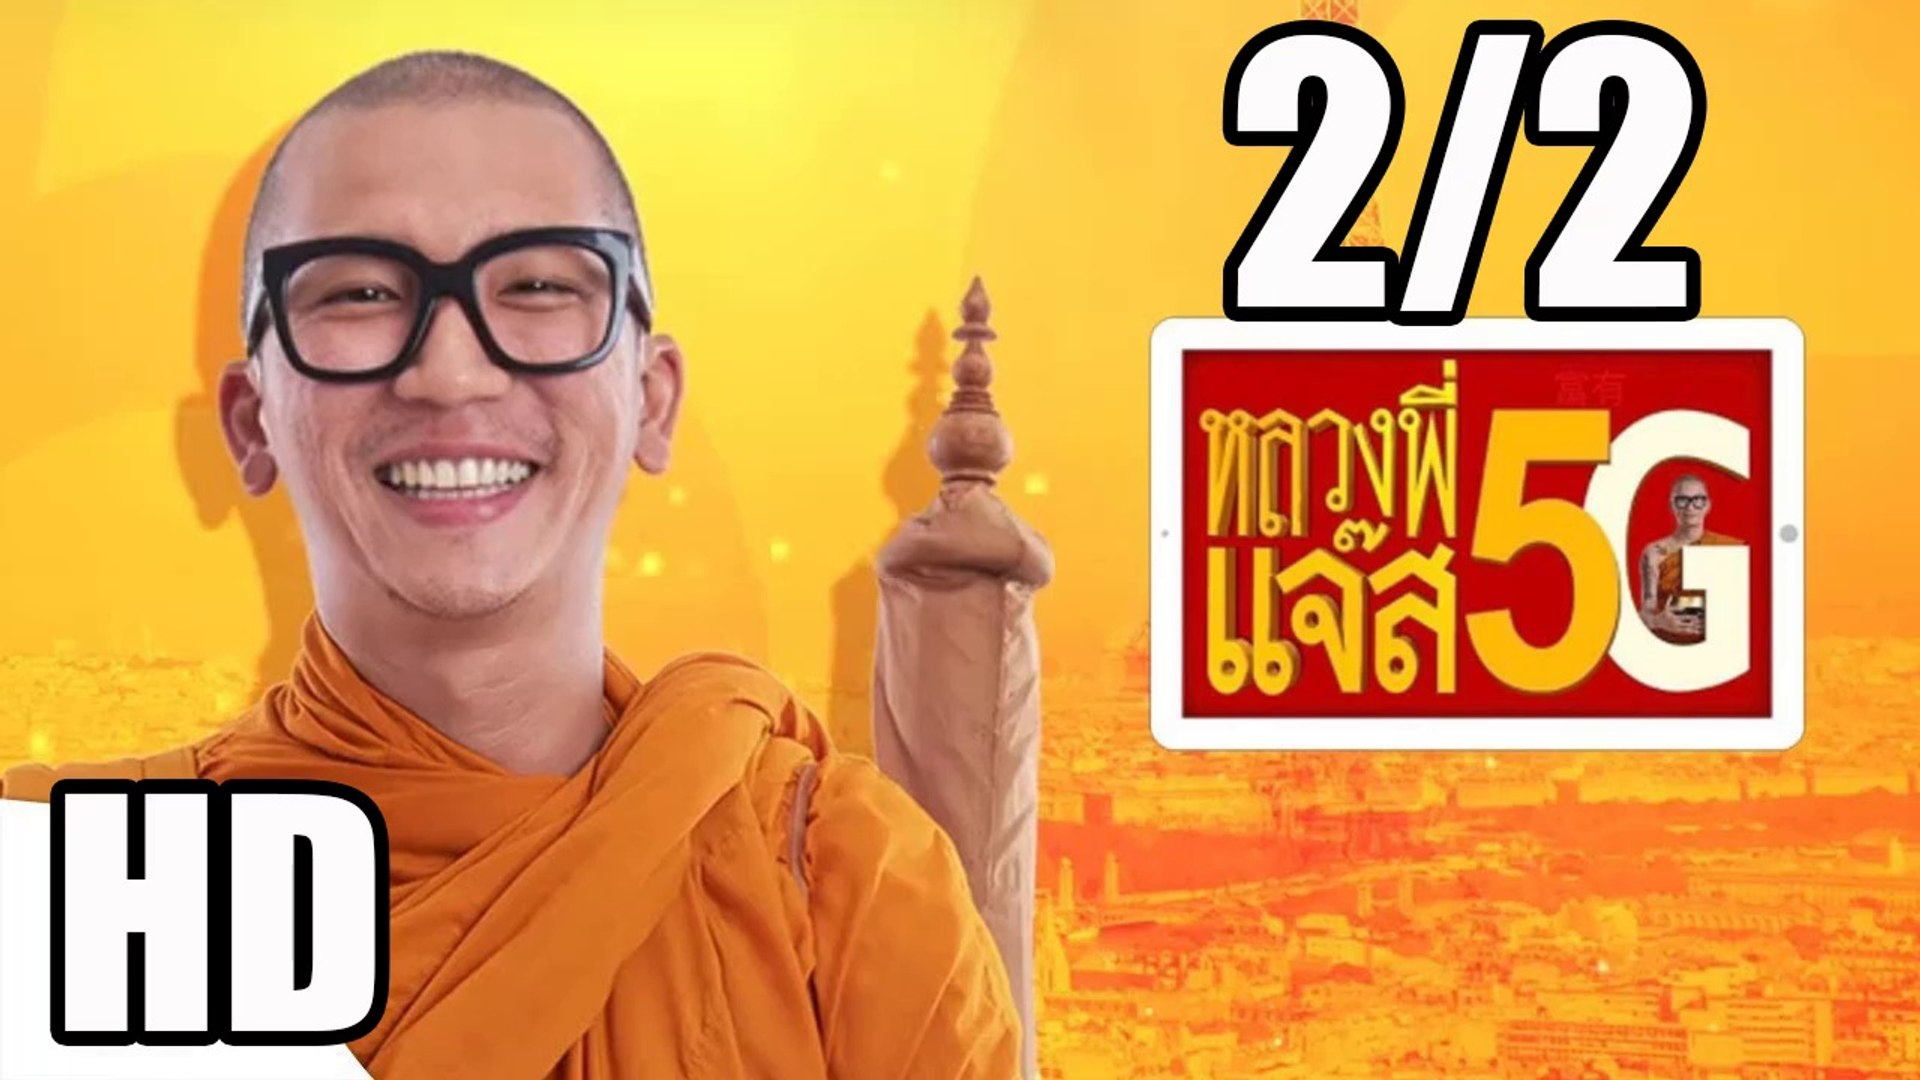 หลวงพี่เเจ๊ส 5G - Luang Pee Jazz 5G (2018) (2/2)